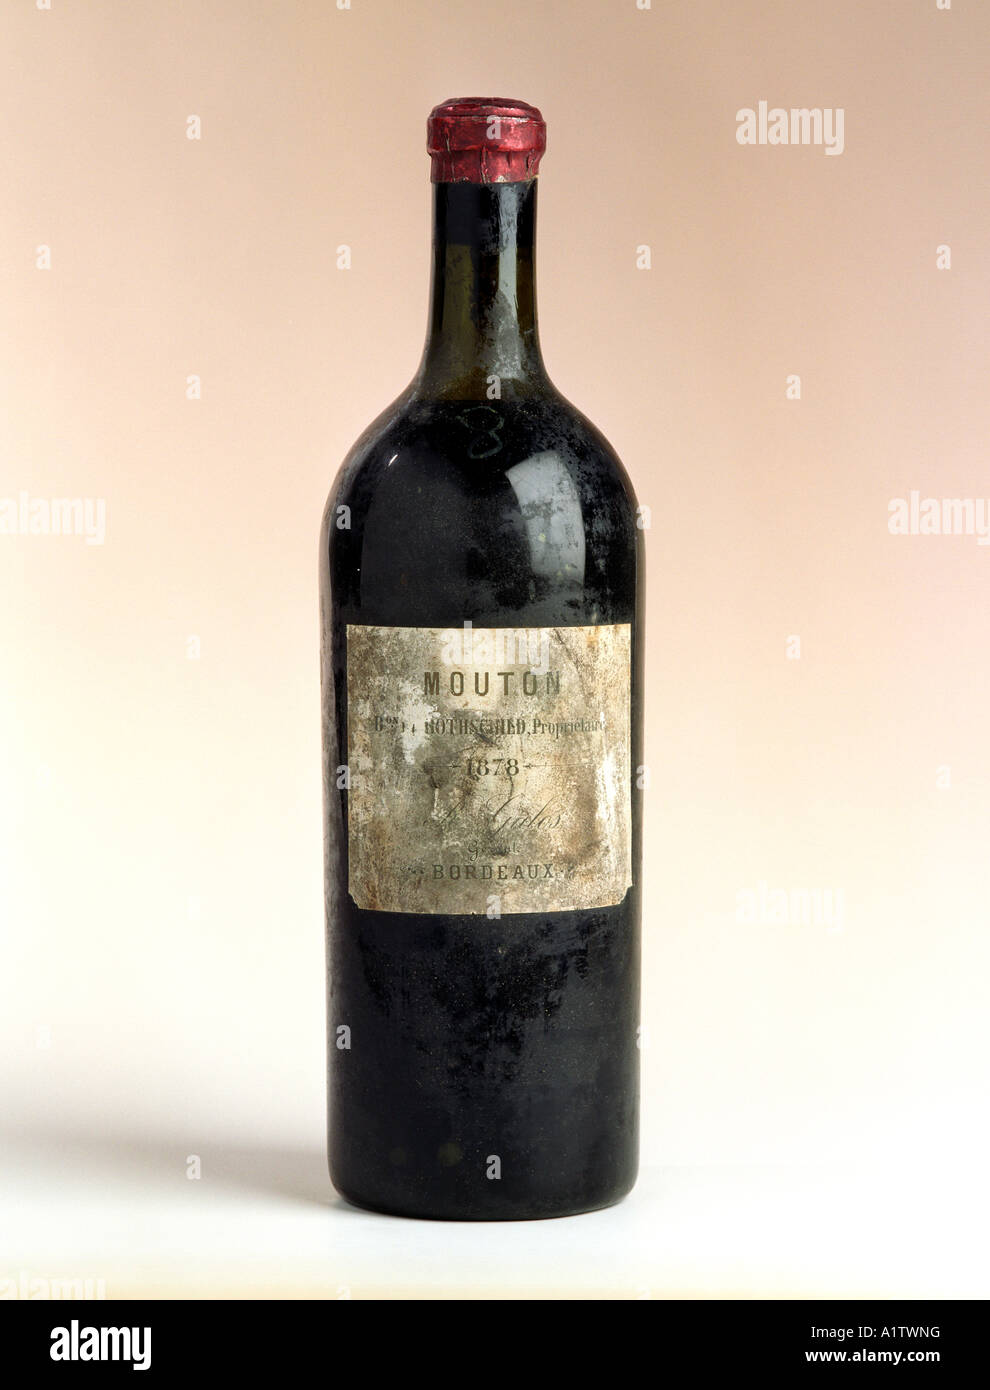 Una molto rara bottiglia di 1878 Mouton Rothschild vini rossi provenienti dalla regione di Bordeaux in Francia Immagini Stock